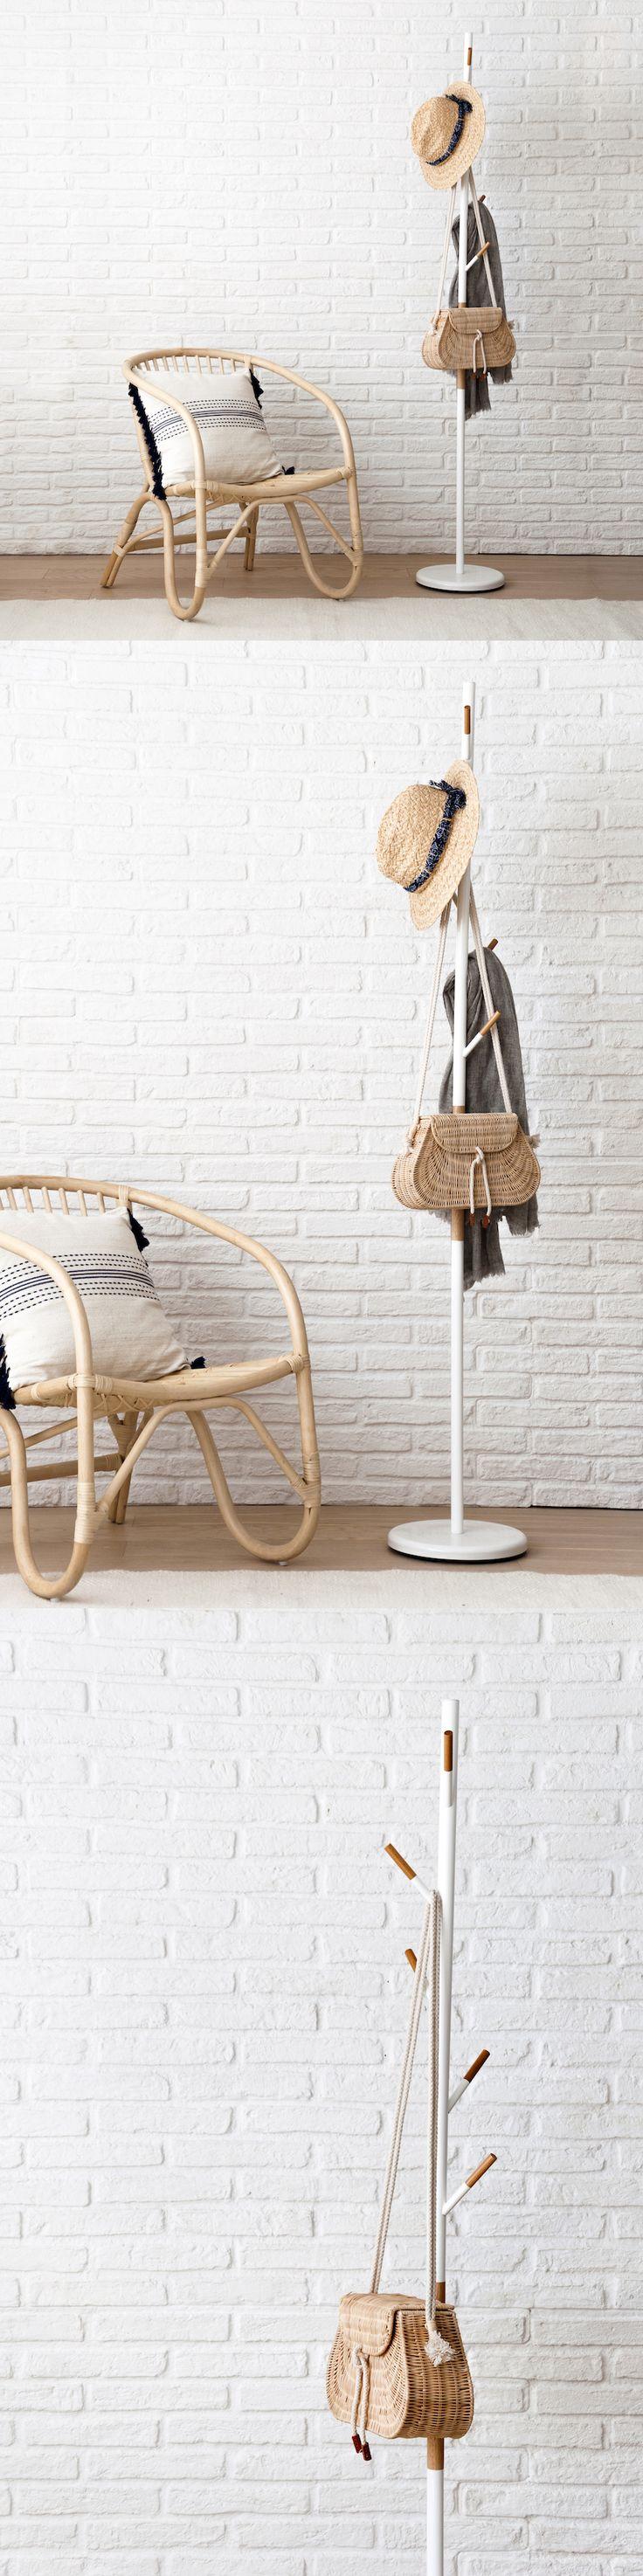 Perchero blanco Cota | Cota, un bonito perchero y organizador que combina el metal y la madera. Perfecto para la entrada de casa o la habitación, para colgar un montón de cosas. Disponible en dos colores: blanco y negro.  #kenayhome #home #cota #perchero #entrada #recibidor #chaquetas #bolso #mochila #sombreros #madera #metal #blanco #estilo #nórdico #diseño #escandinavo #interior #hogar #design #nordik #deco #decor #decoration #organizar #habitación #dormitorio